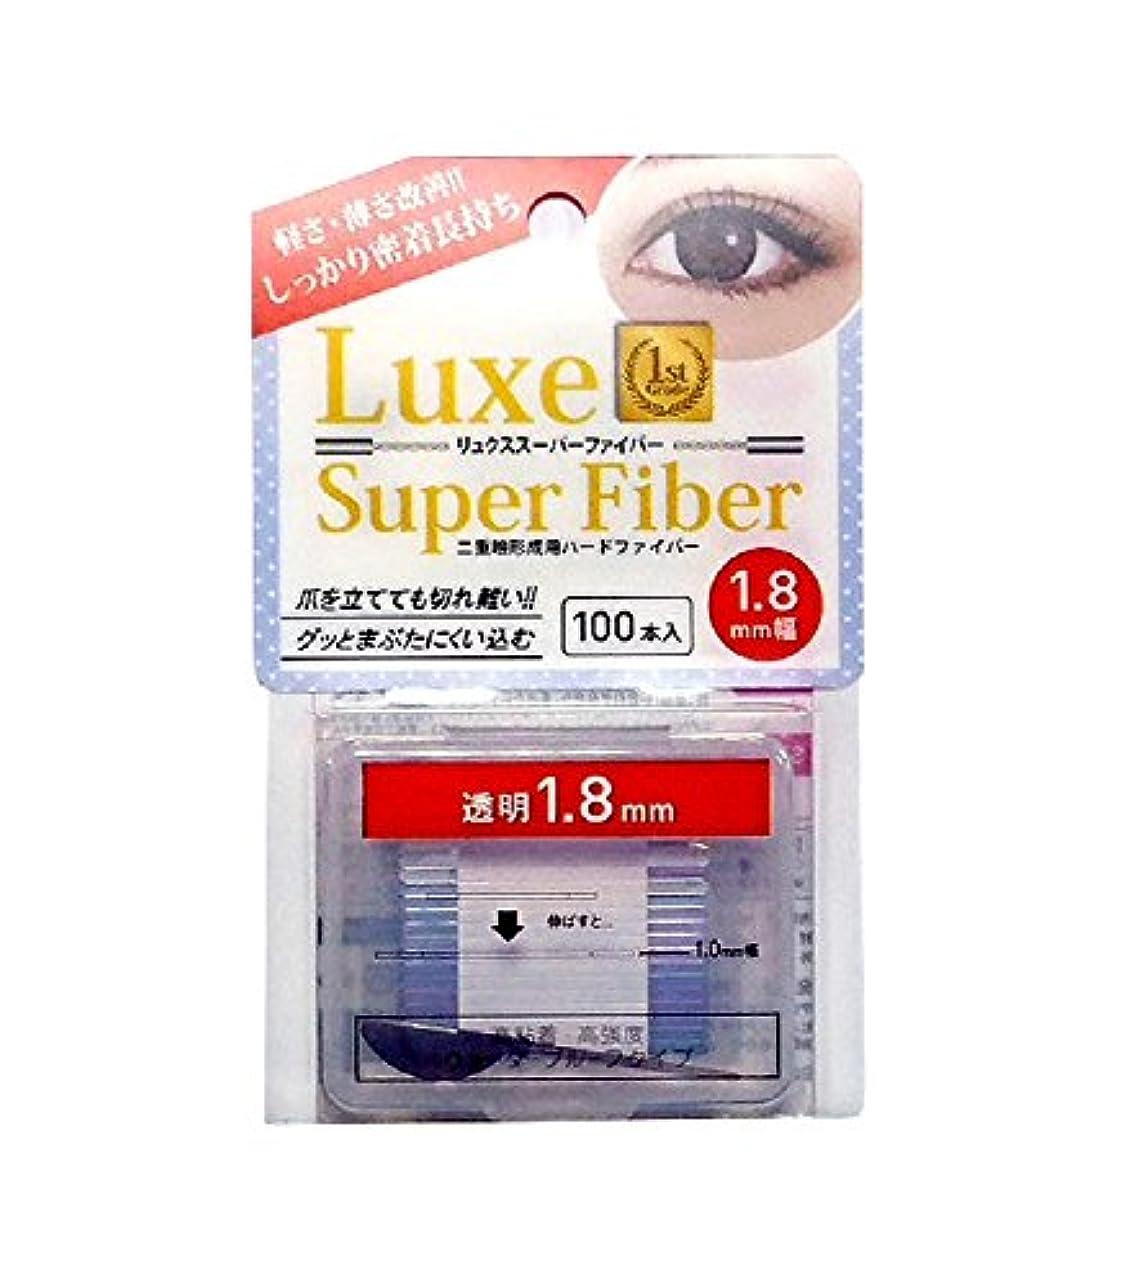 フィードオン常に涙が出るLuxe(リュクス) スーパーファイバーII 透明 クリア 1.8mm 100本入り